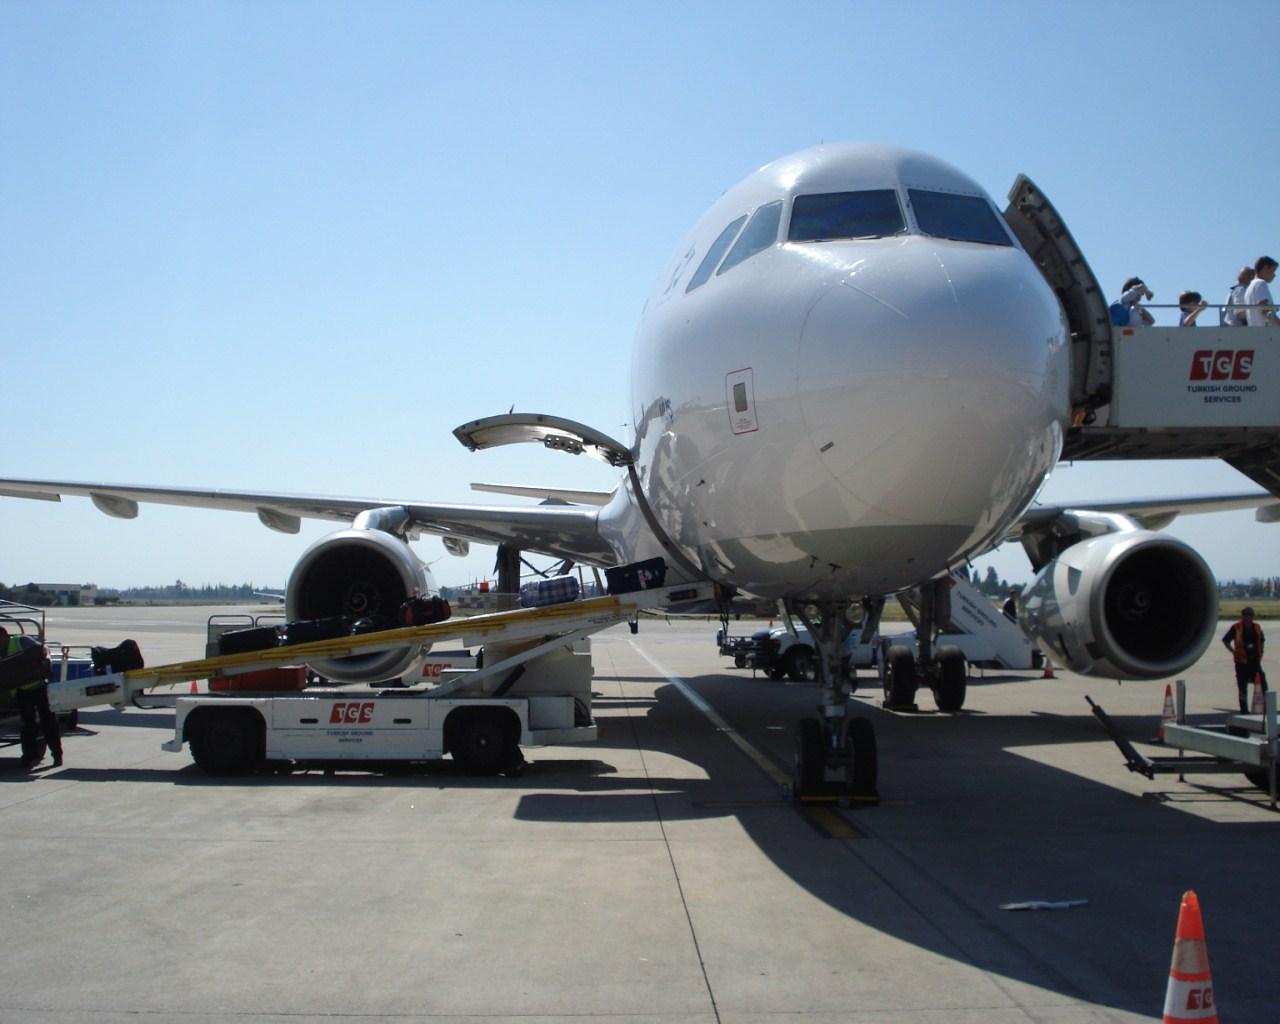 A320 Турецких авиалиний в аэропорту Адана